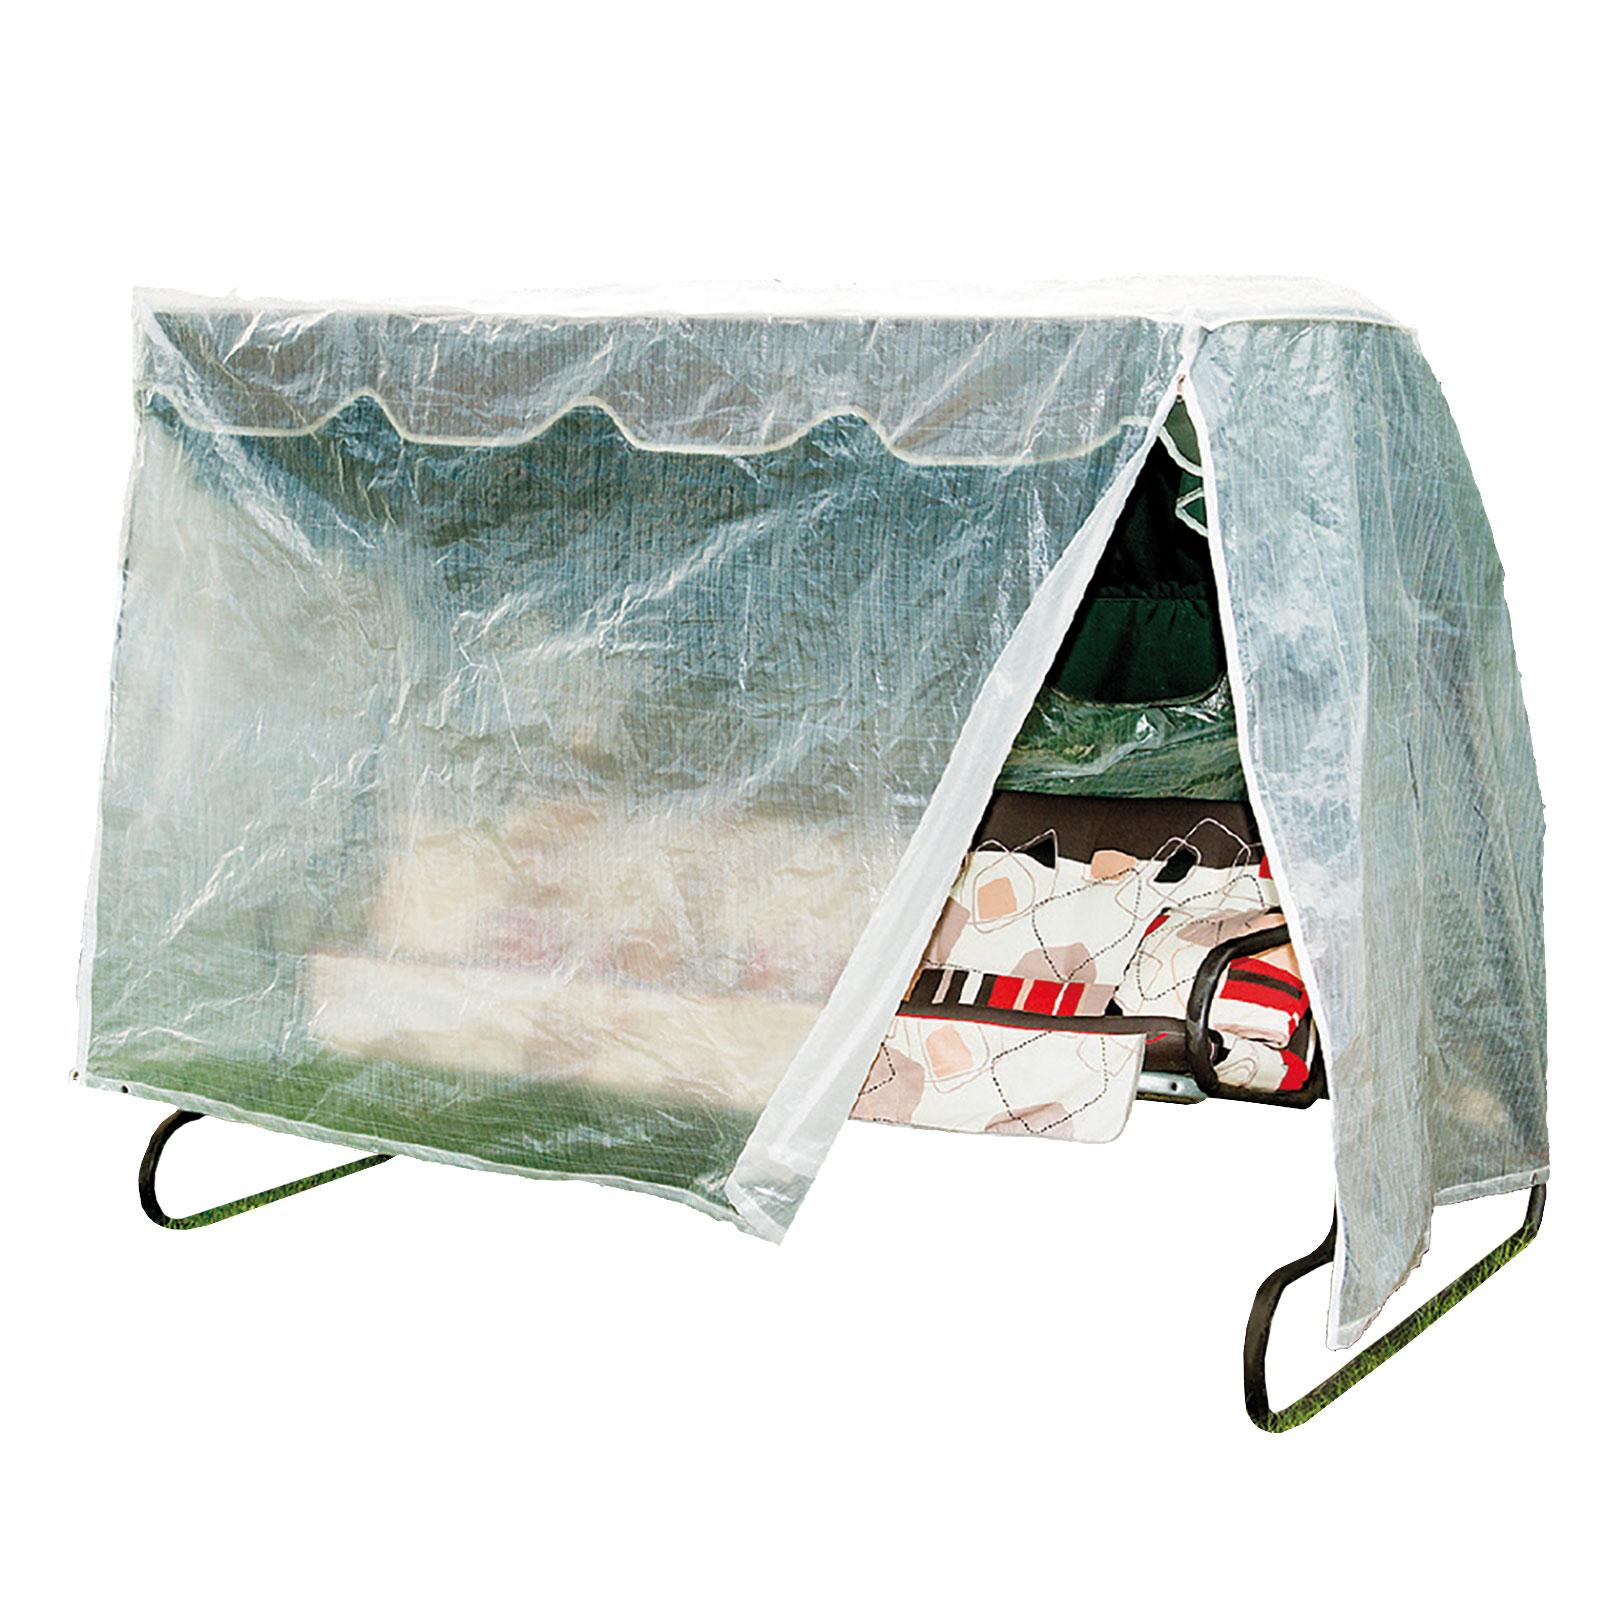 wehncke gartenm bel schutzh lle h lle plane abdeckung abdeckplane transparent pe ebay. Black Bedroom Furniture Sets. Home Design Ideas